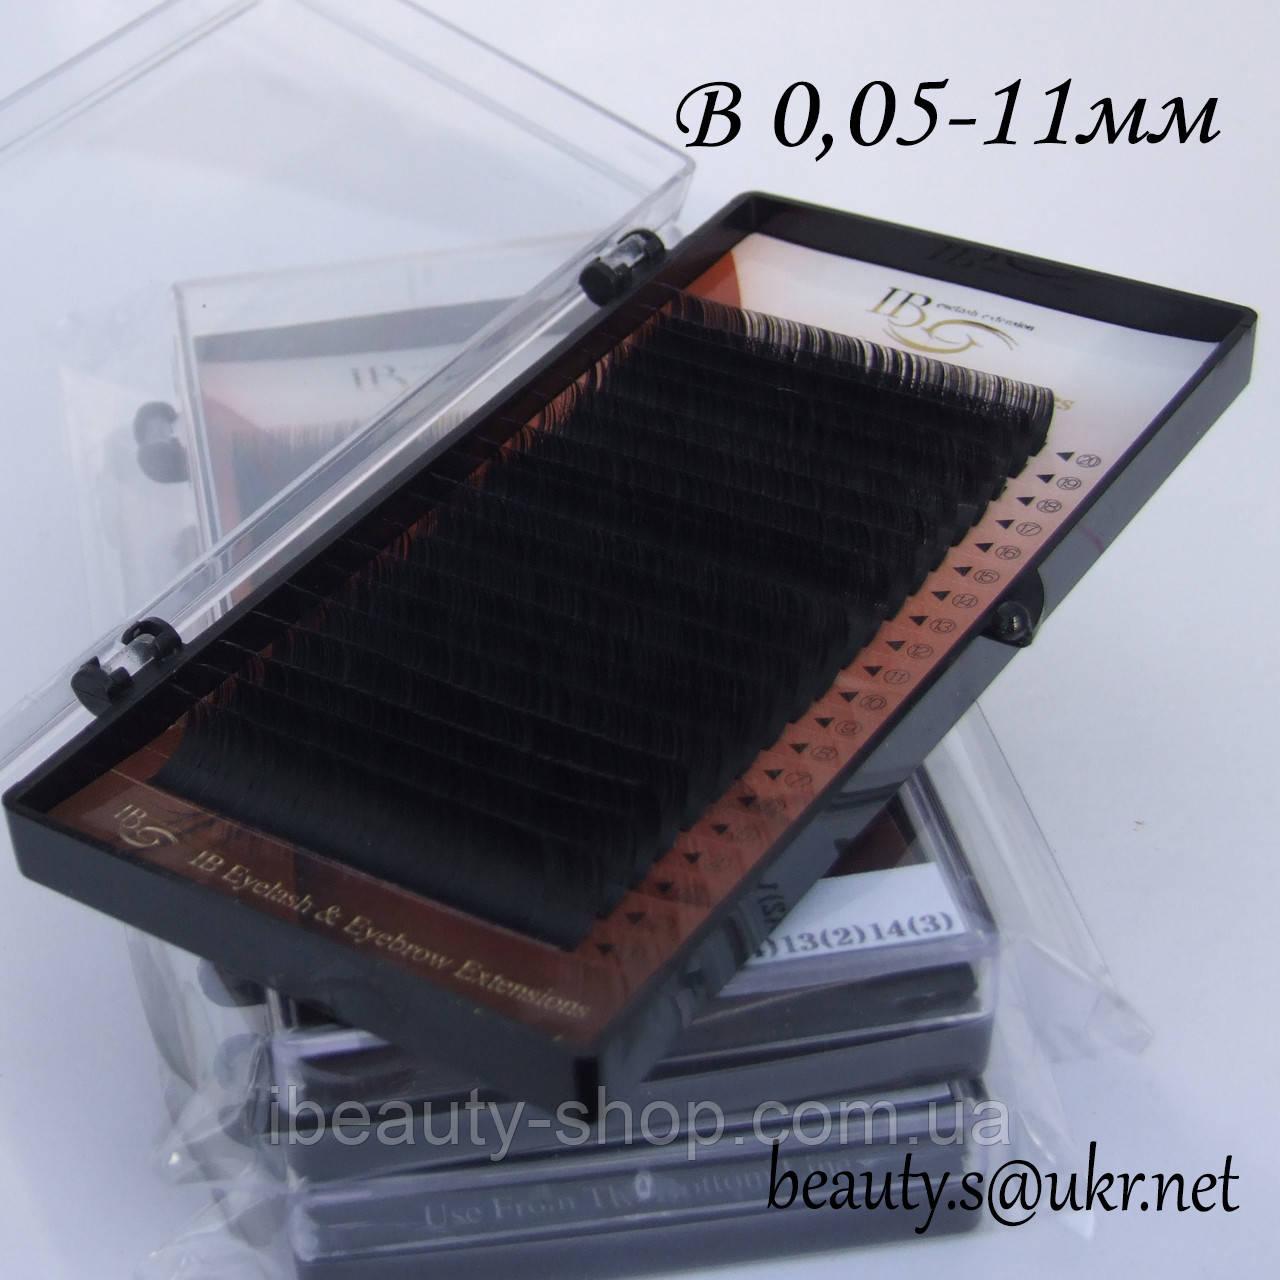 Ресницы  I-Beauty на ленте B 0,05-11мм